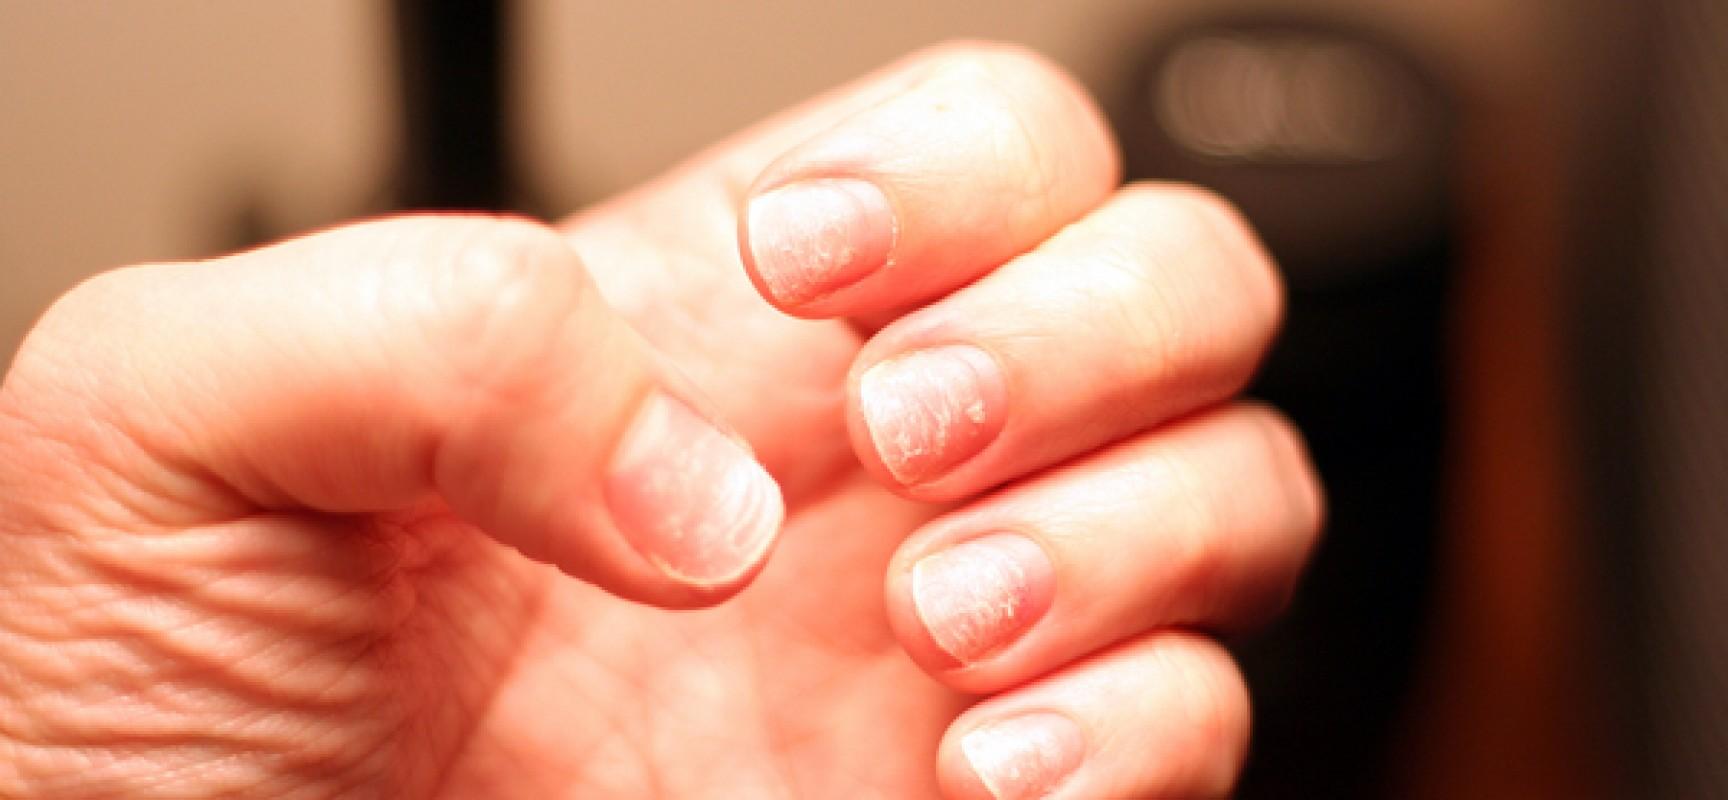 Analisi per definizione di un fungo di unghie